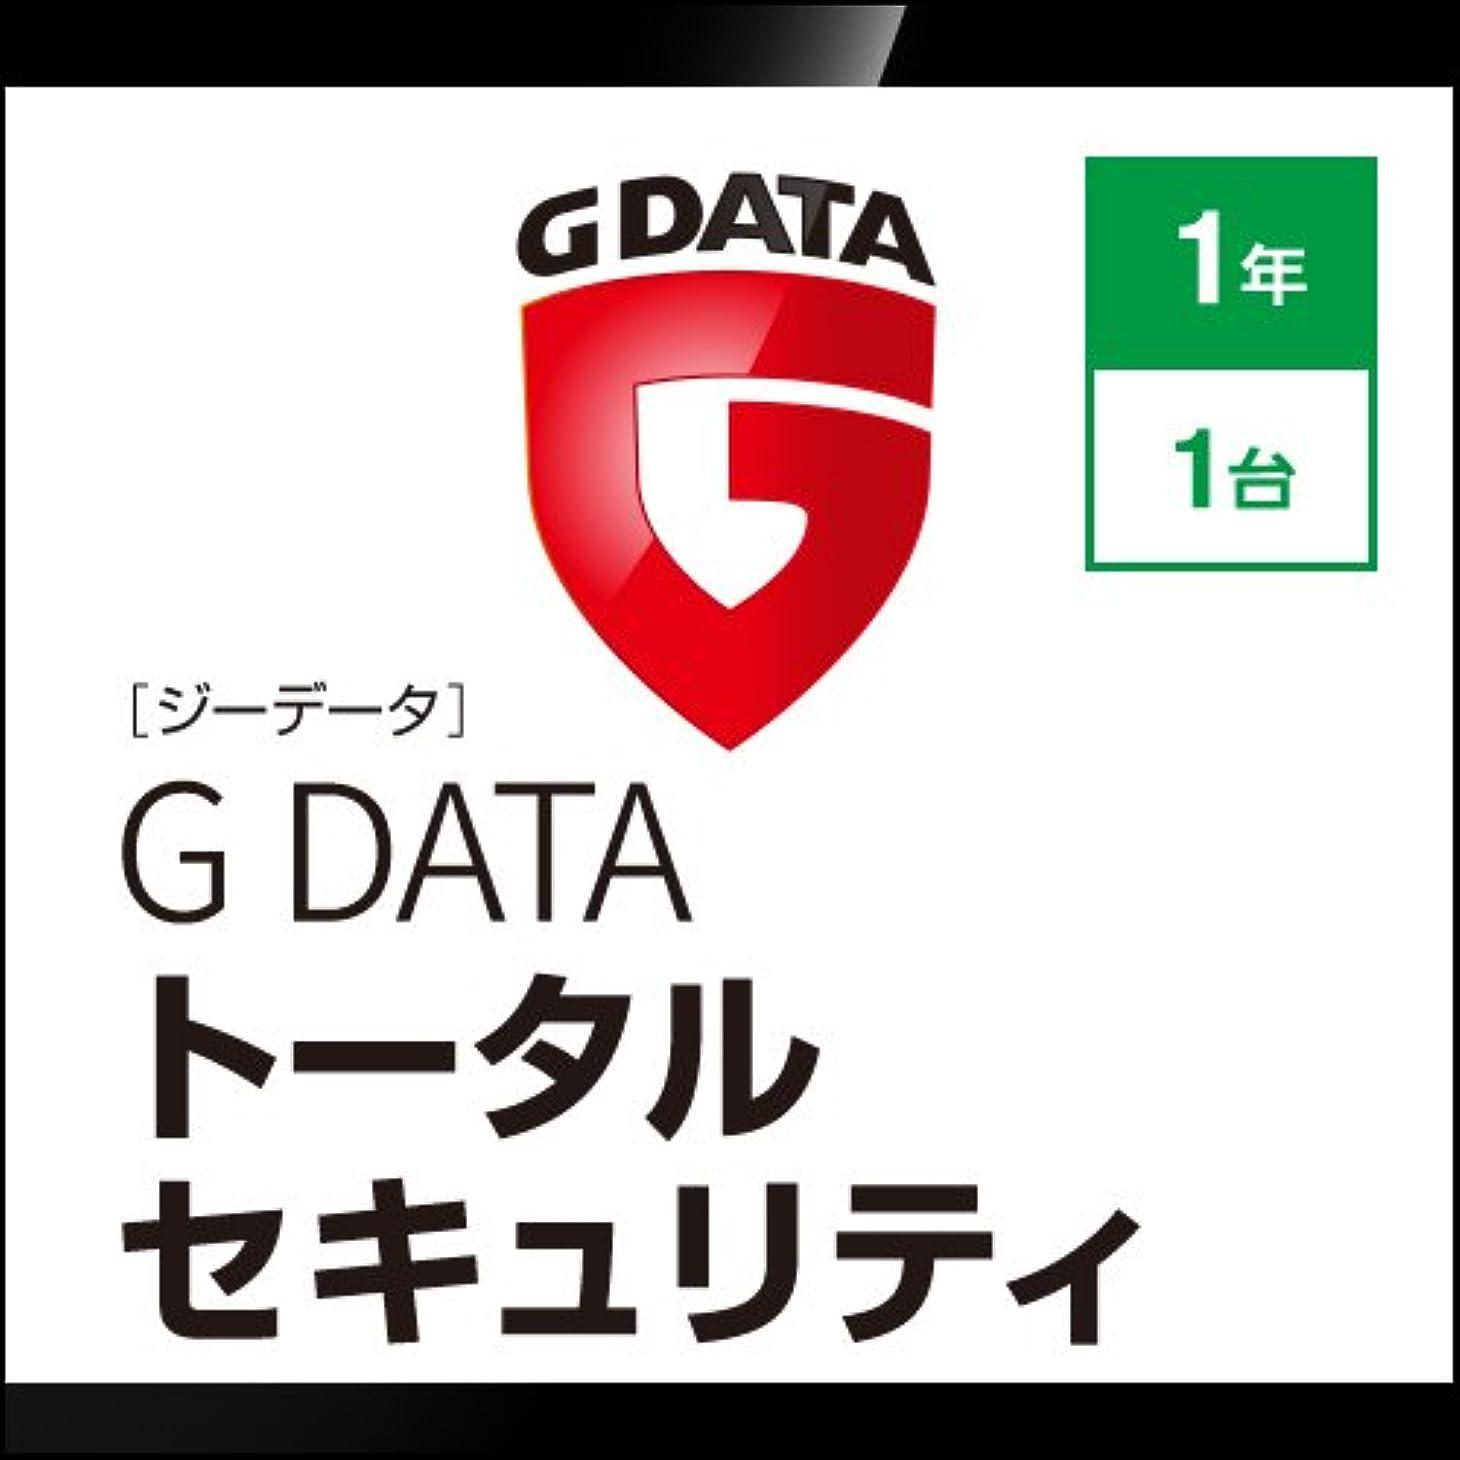 虫セグメント回るG DATA トータルセキュリティ 1年1台|ダウンロード版